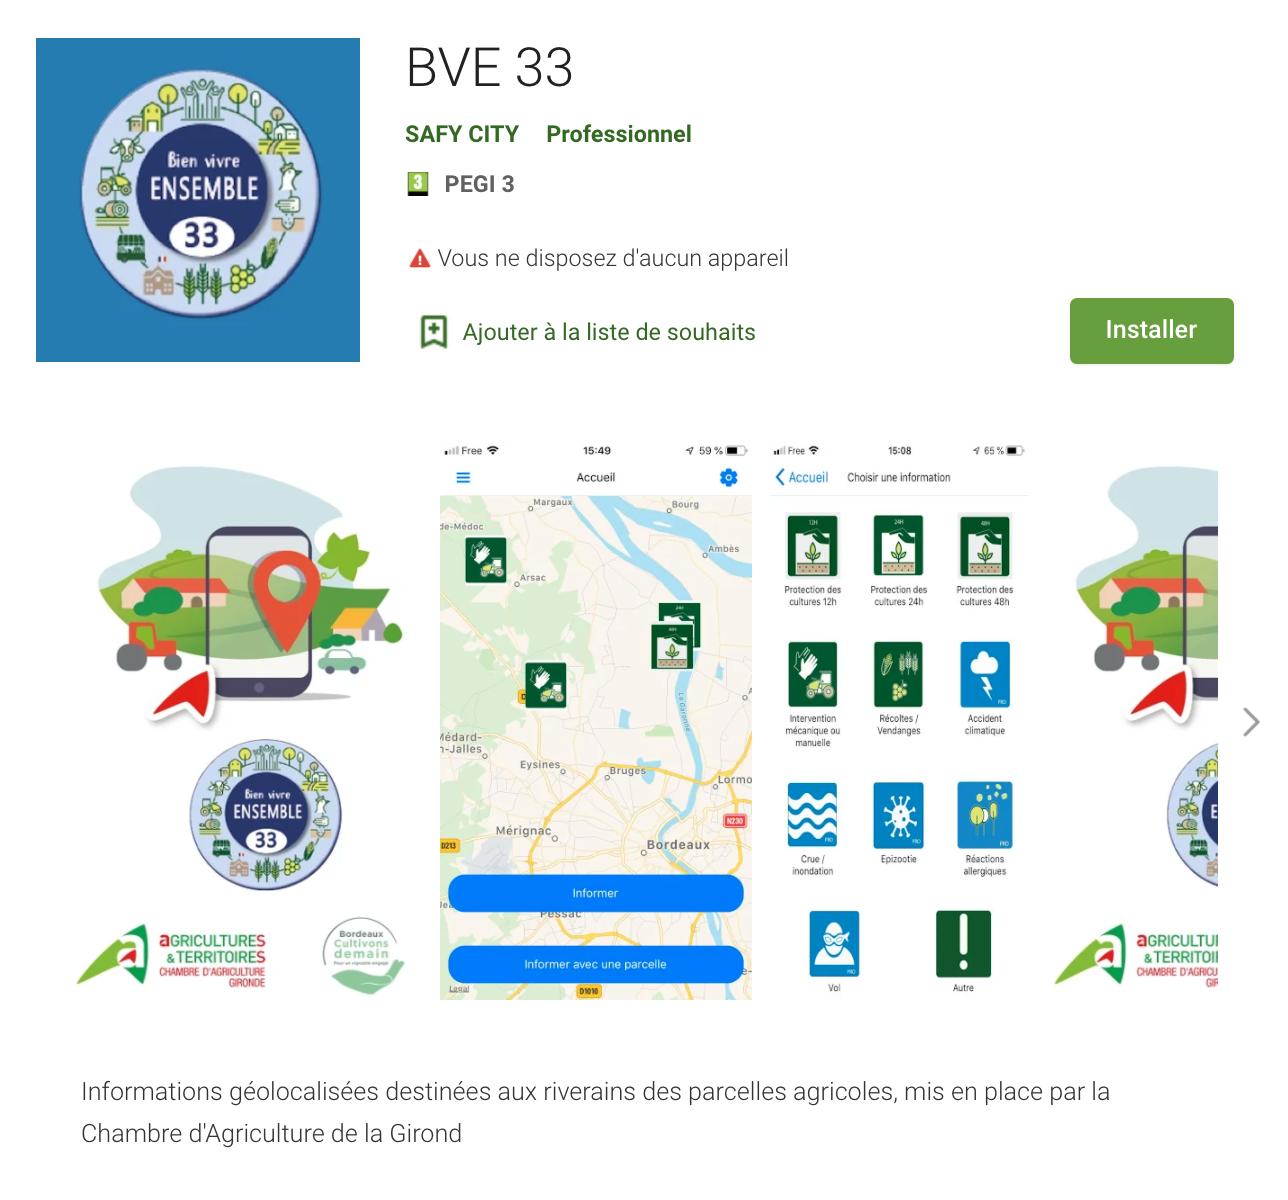 bve33